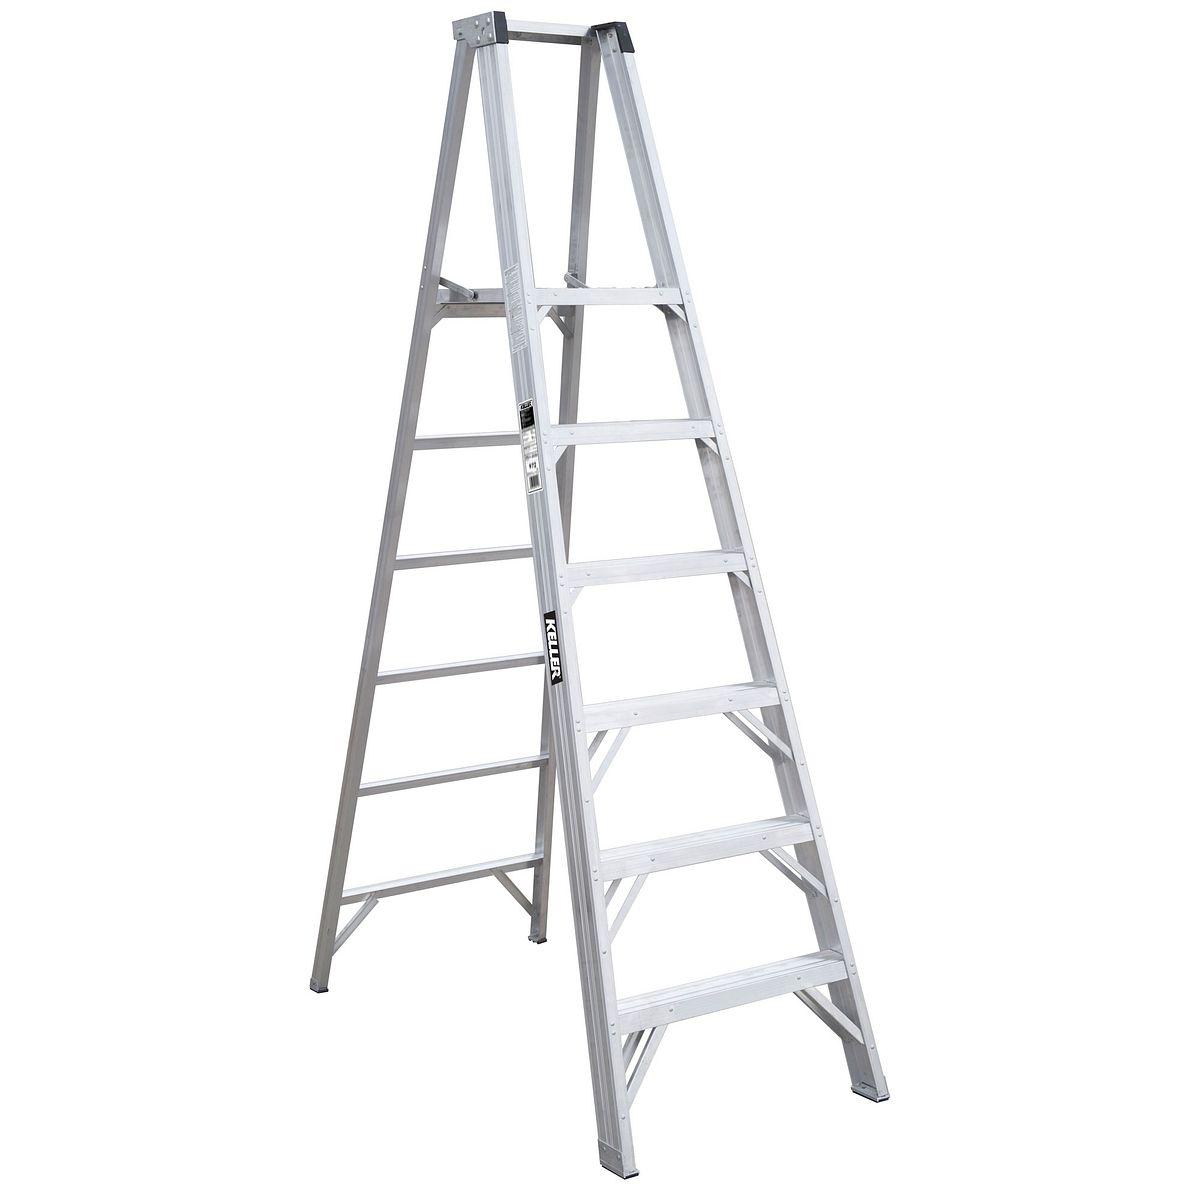 P800 Series Step Ladders Keller Us